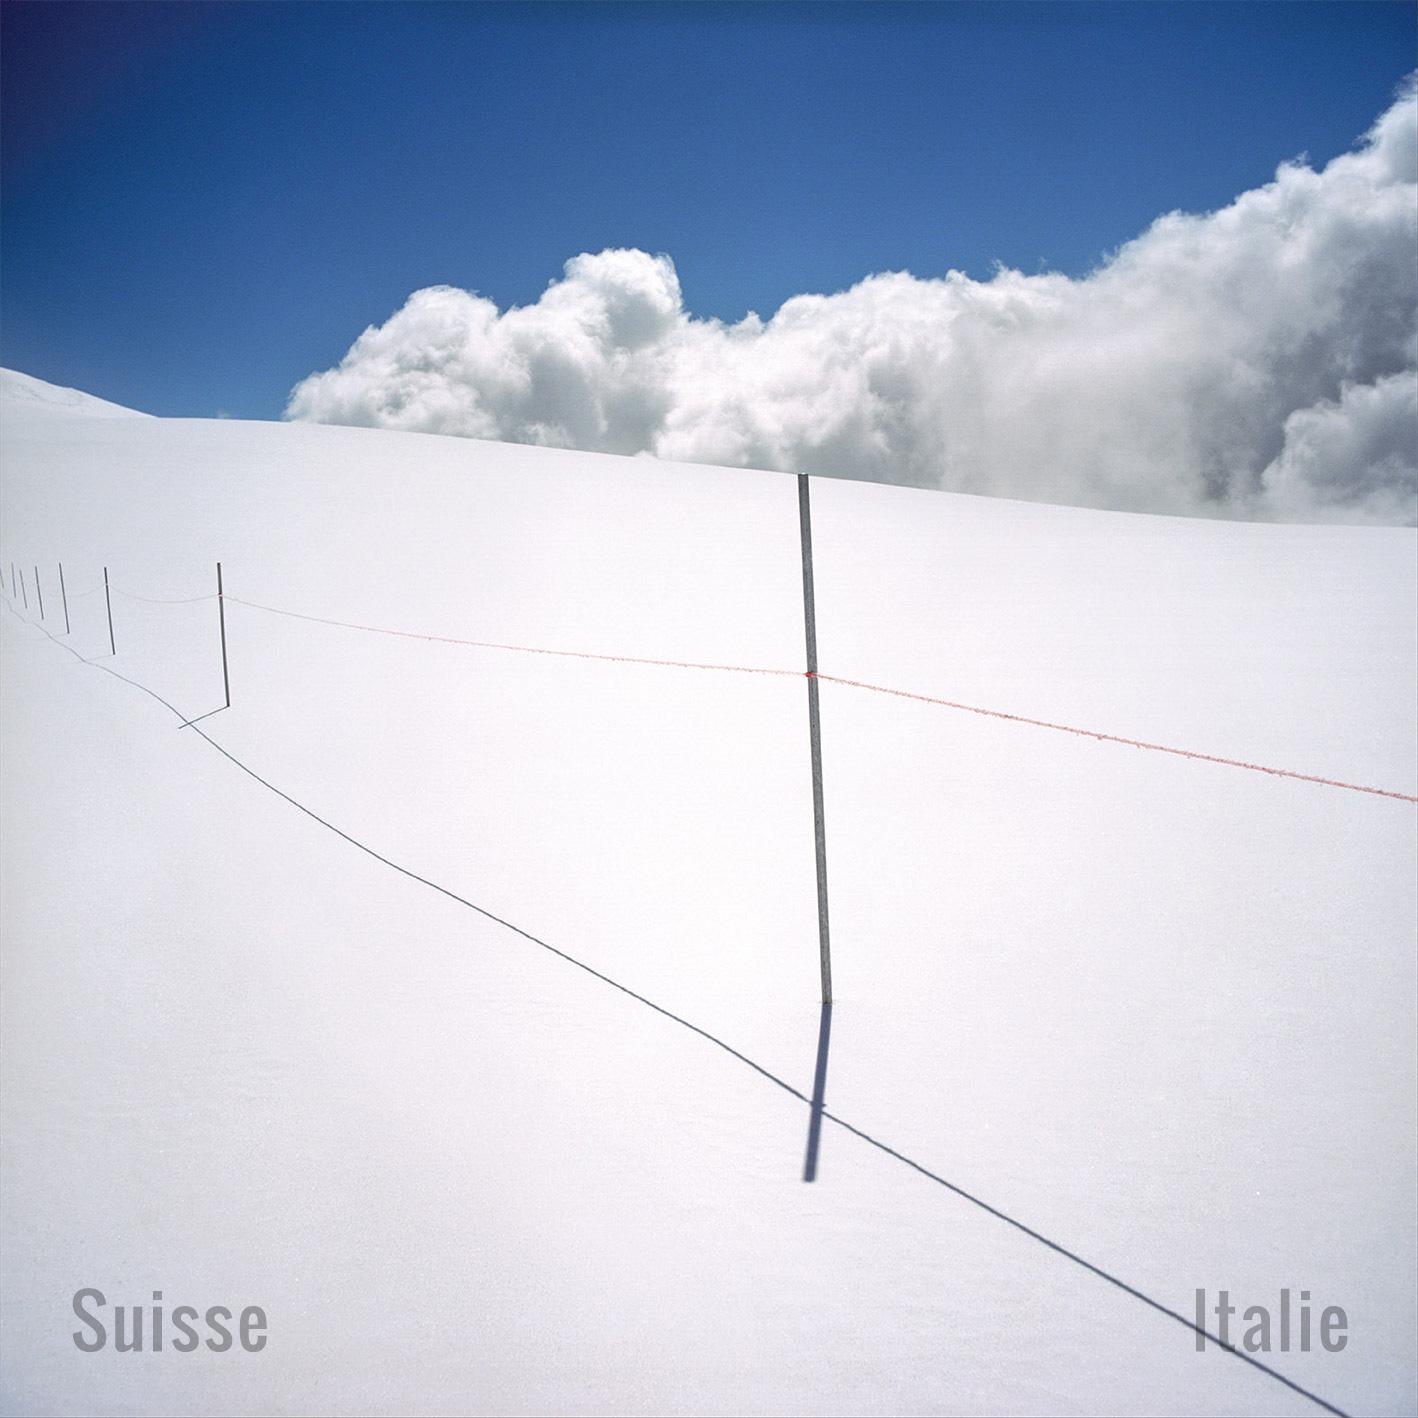 Suisse / Italie